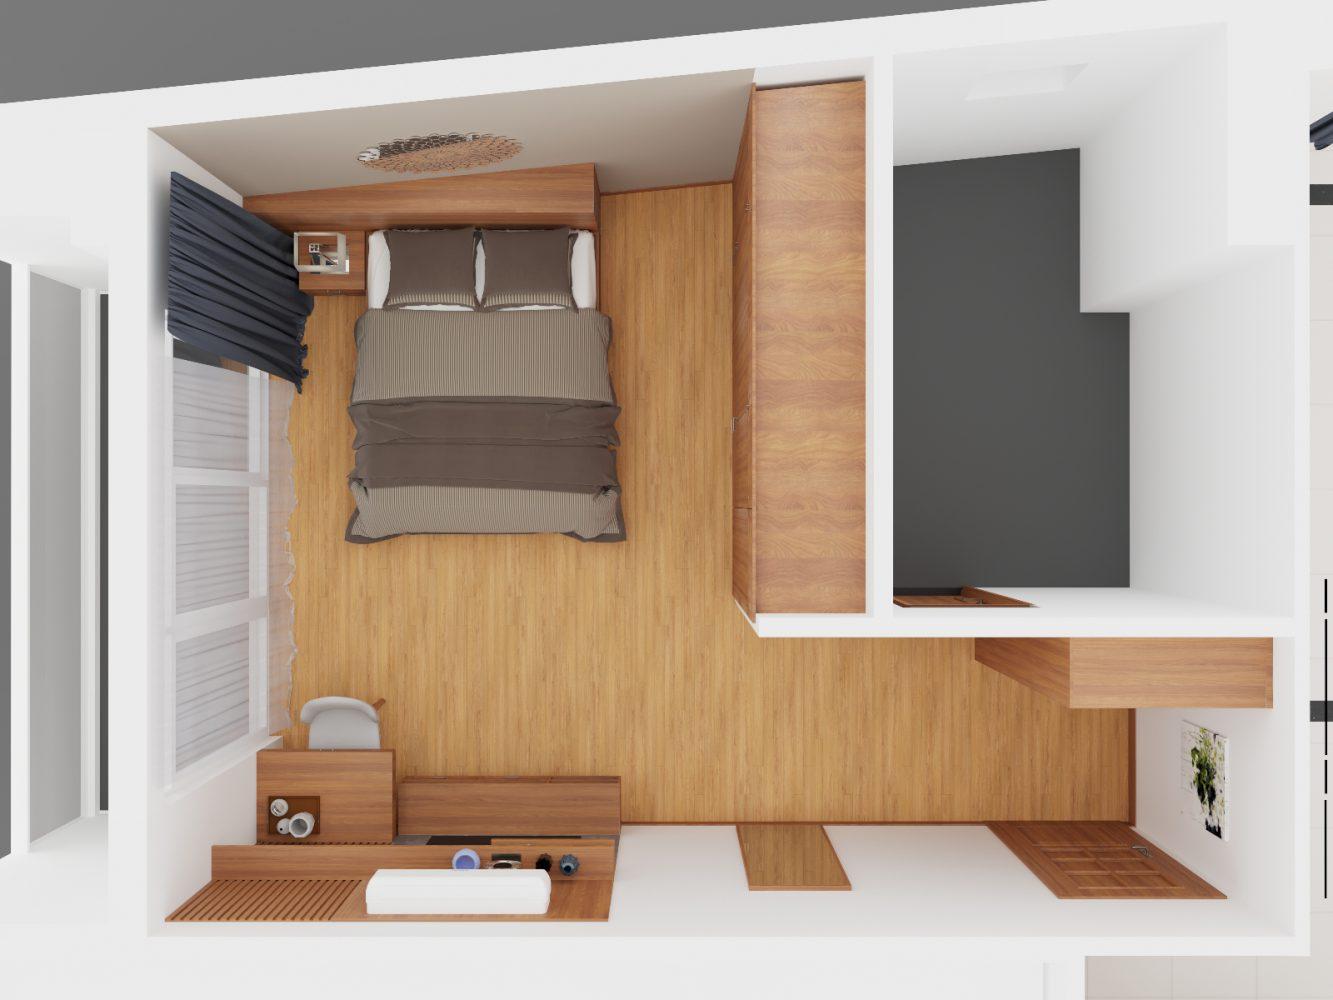 Thiết kế nội thất căn hộ 3 phòng ngủ - 03